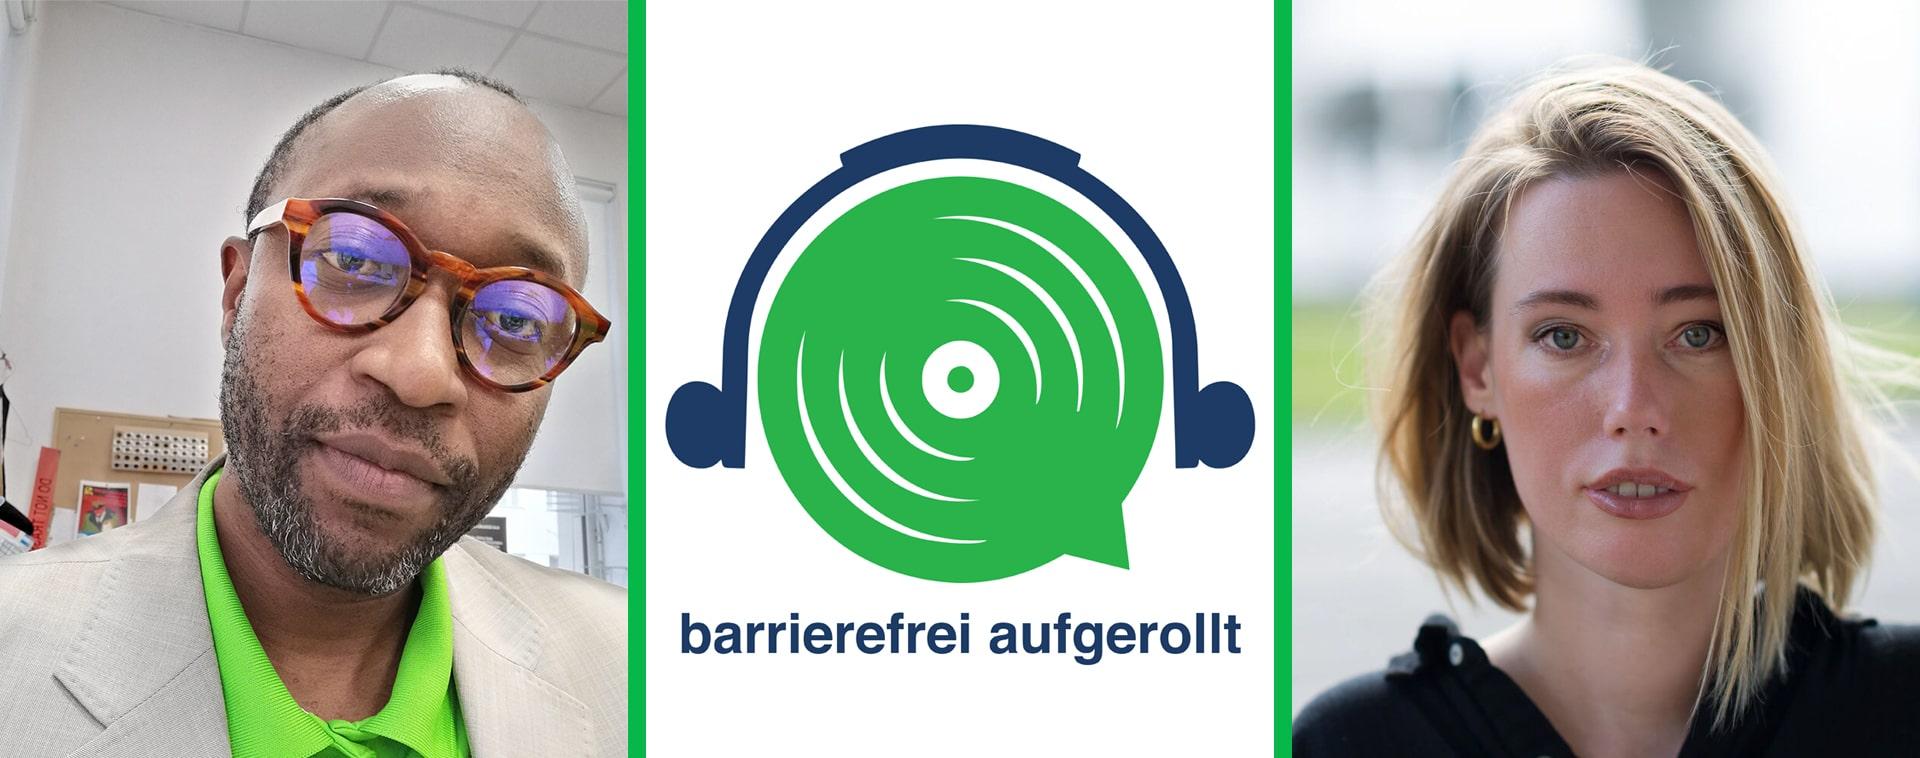 Links im Portrait Simon Inou, in der Mitte das grüne Lautsprecherlogo mit Text barrierefrei aufgerollt, rechts das Portrait von Laura Gehlhaar